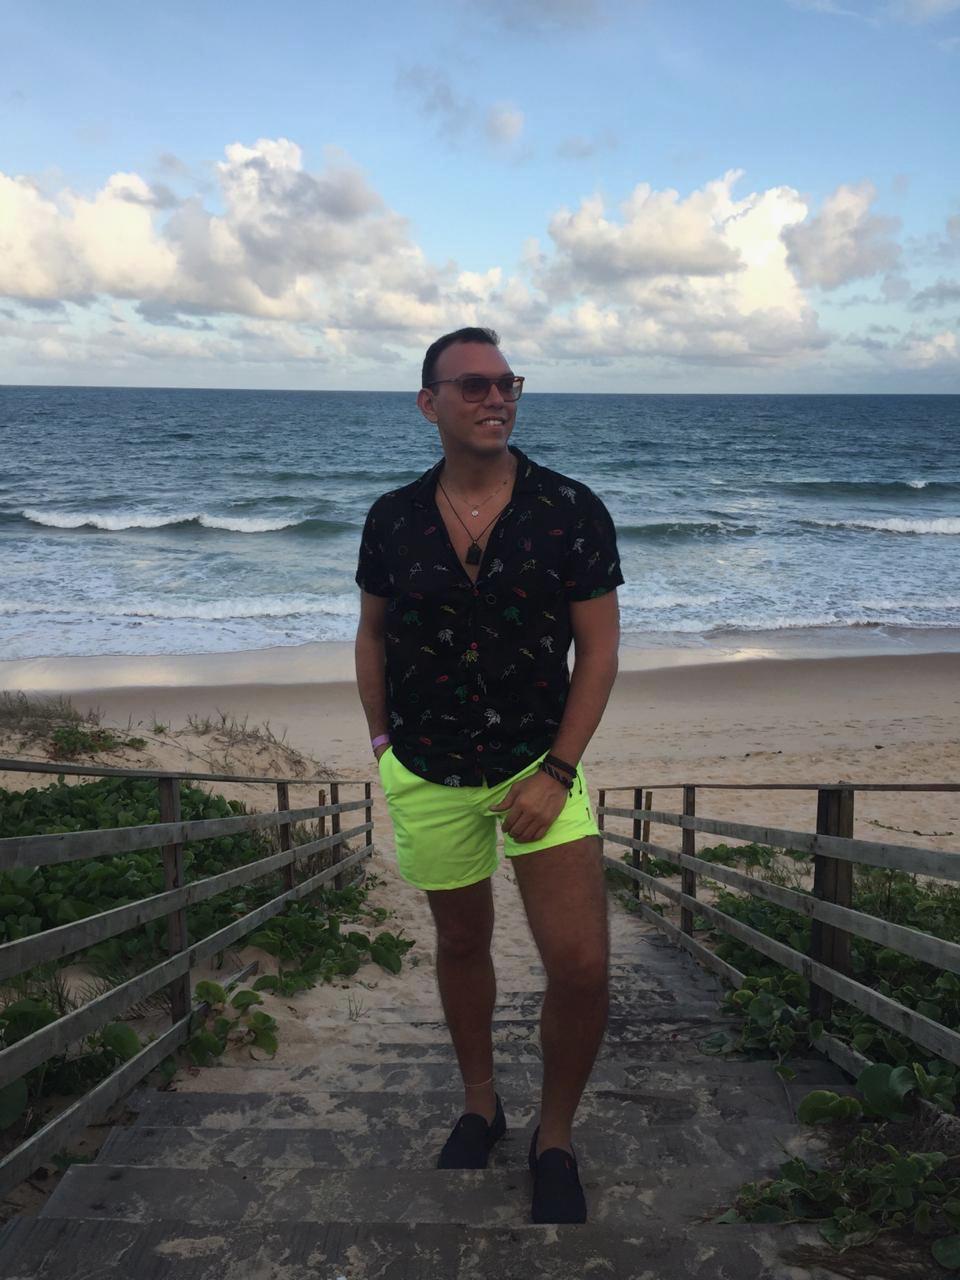 Rumennig Azevedo está de volta na loja Vexx, e veio com tudo...É o novo gerente de moda da cidade de Mossoró. E com vasta experiência no ramo, promete arrasar a sua equipe. Sucesso garoto!